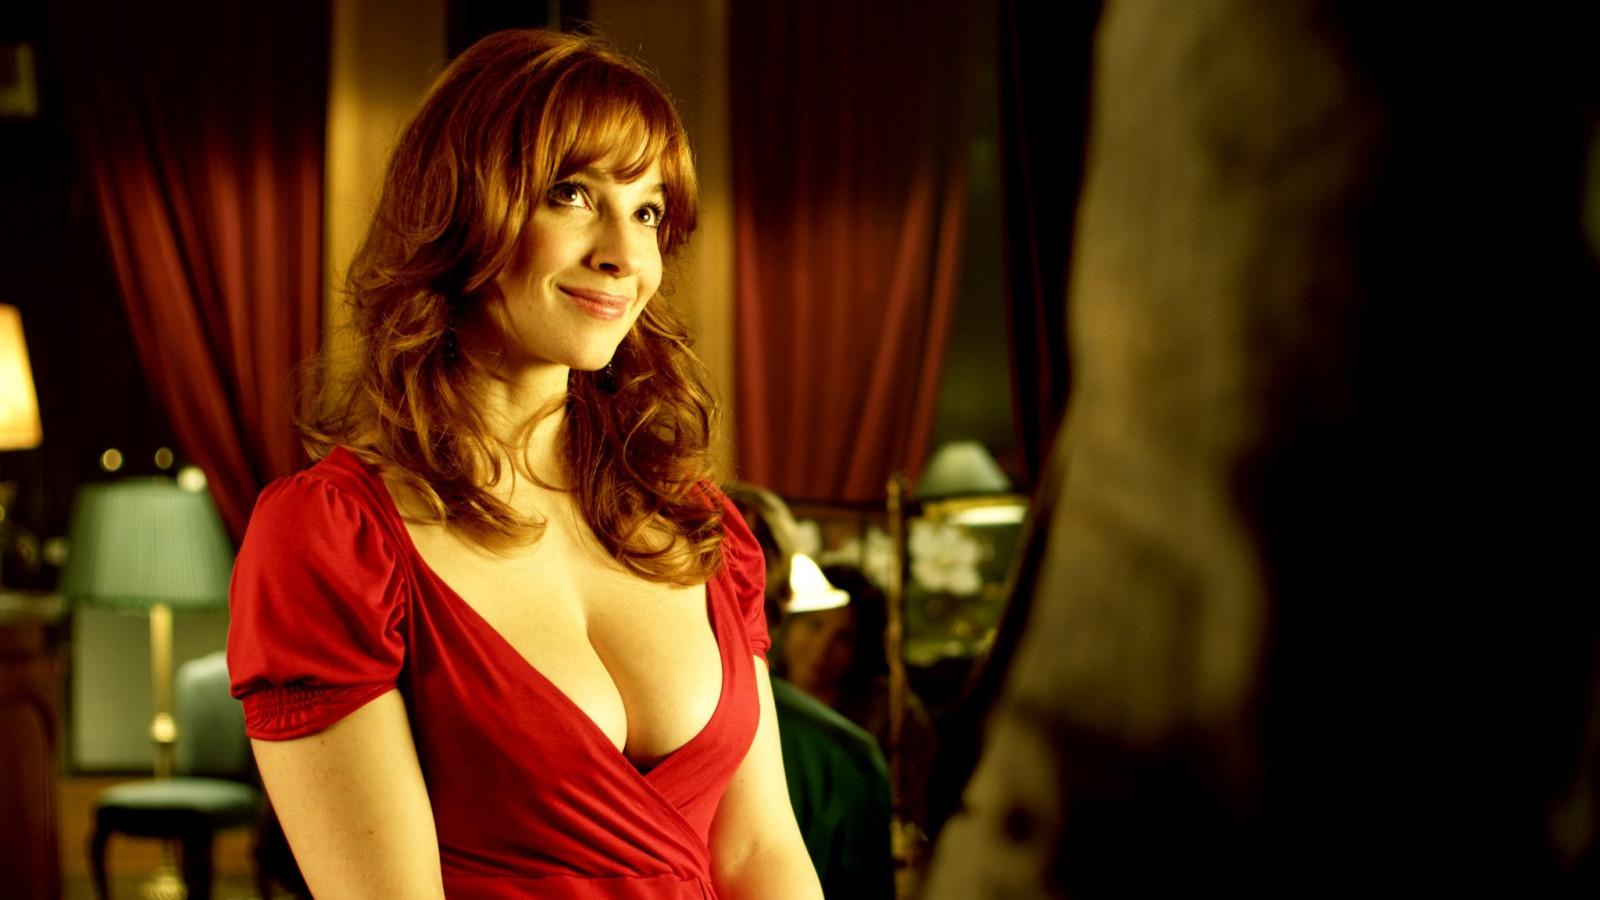 устроила фильм где девушка в красном платье в бильярде снимает побольше-бы